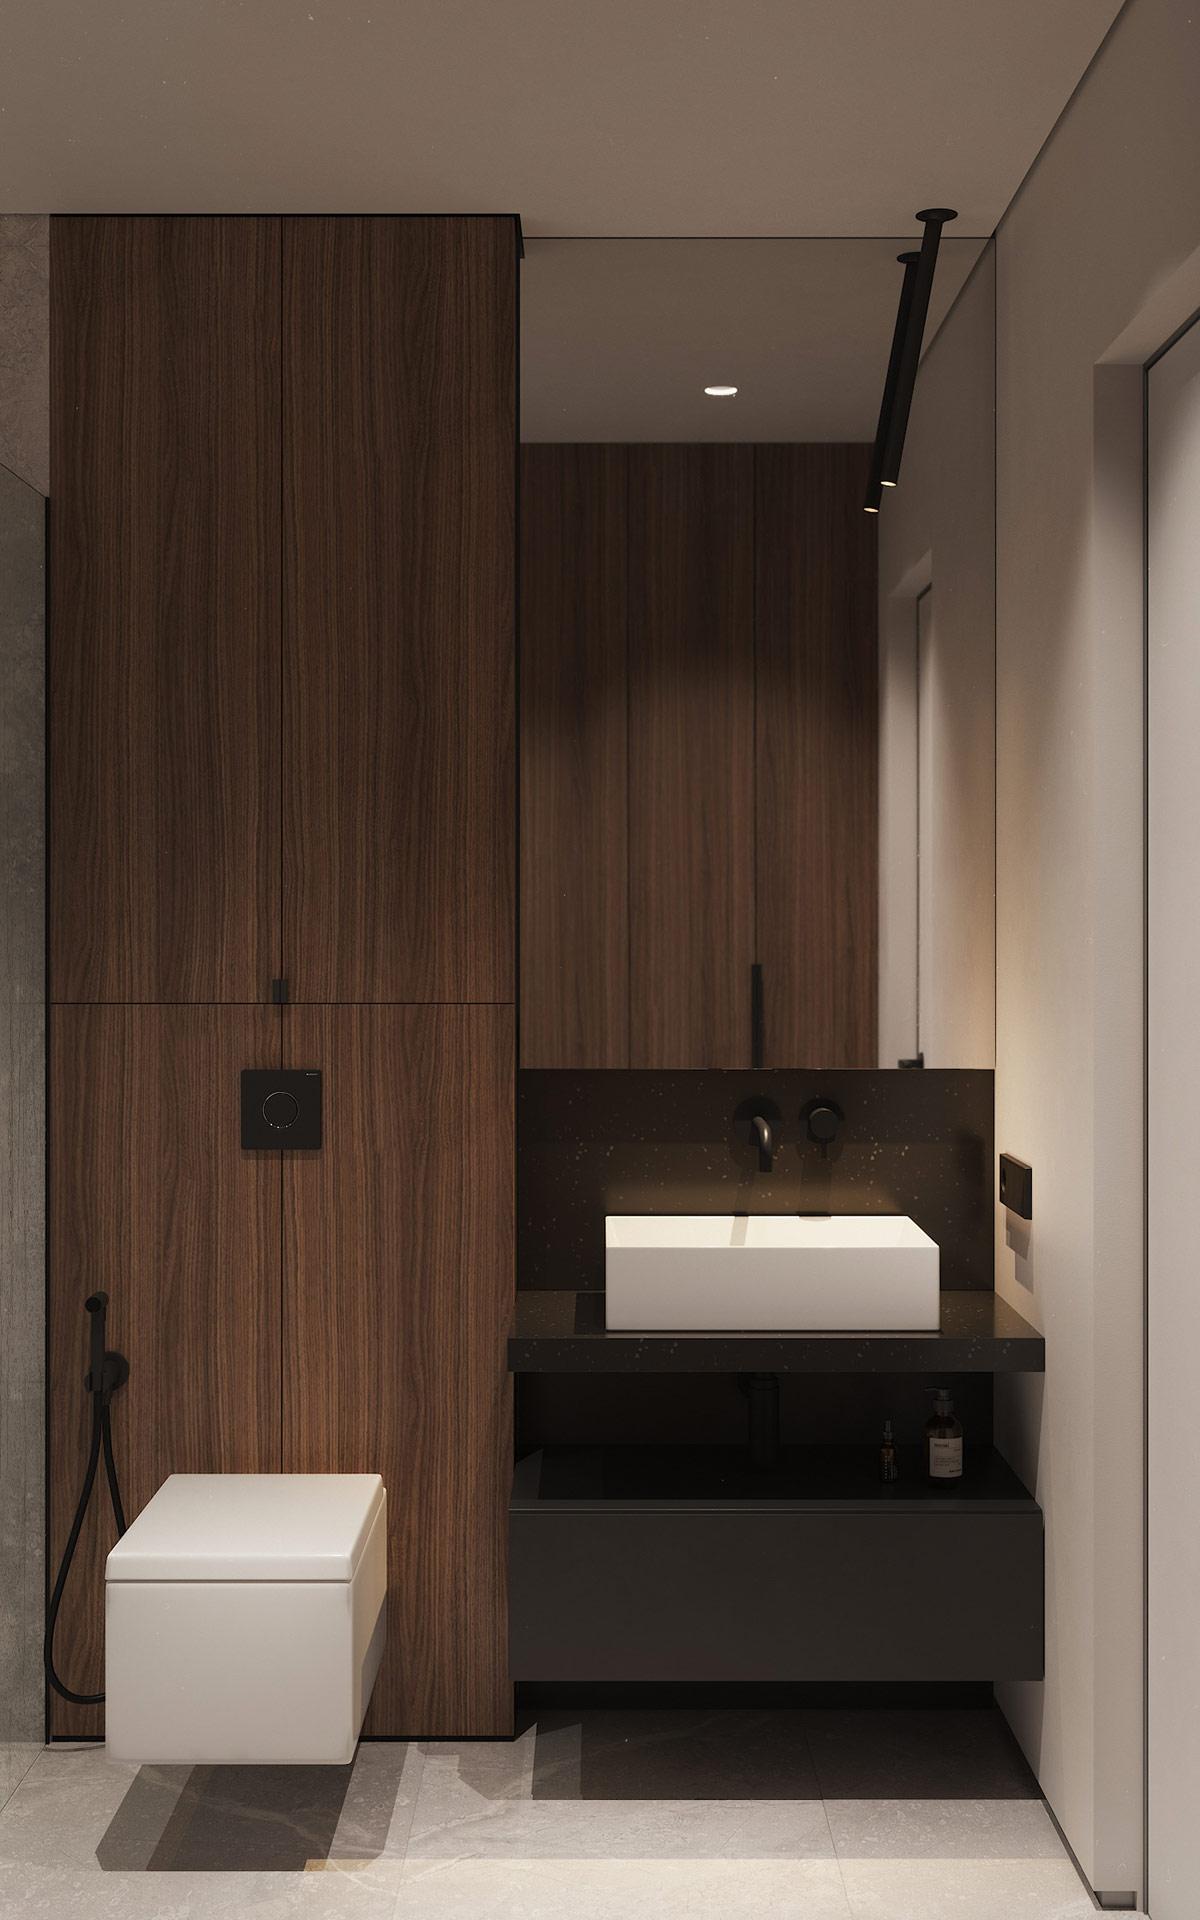 Một phòng tắm khác với thiết kế nội thất tương tự, chỉ thay đổi cách phối màu.